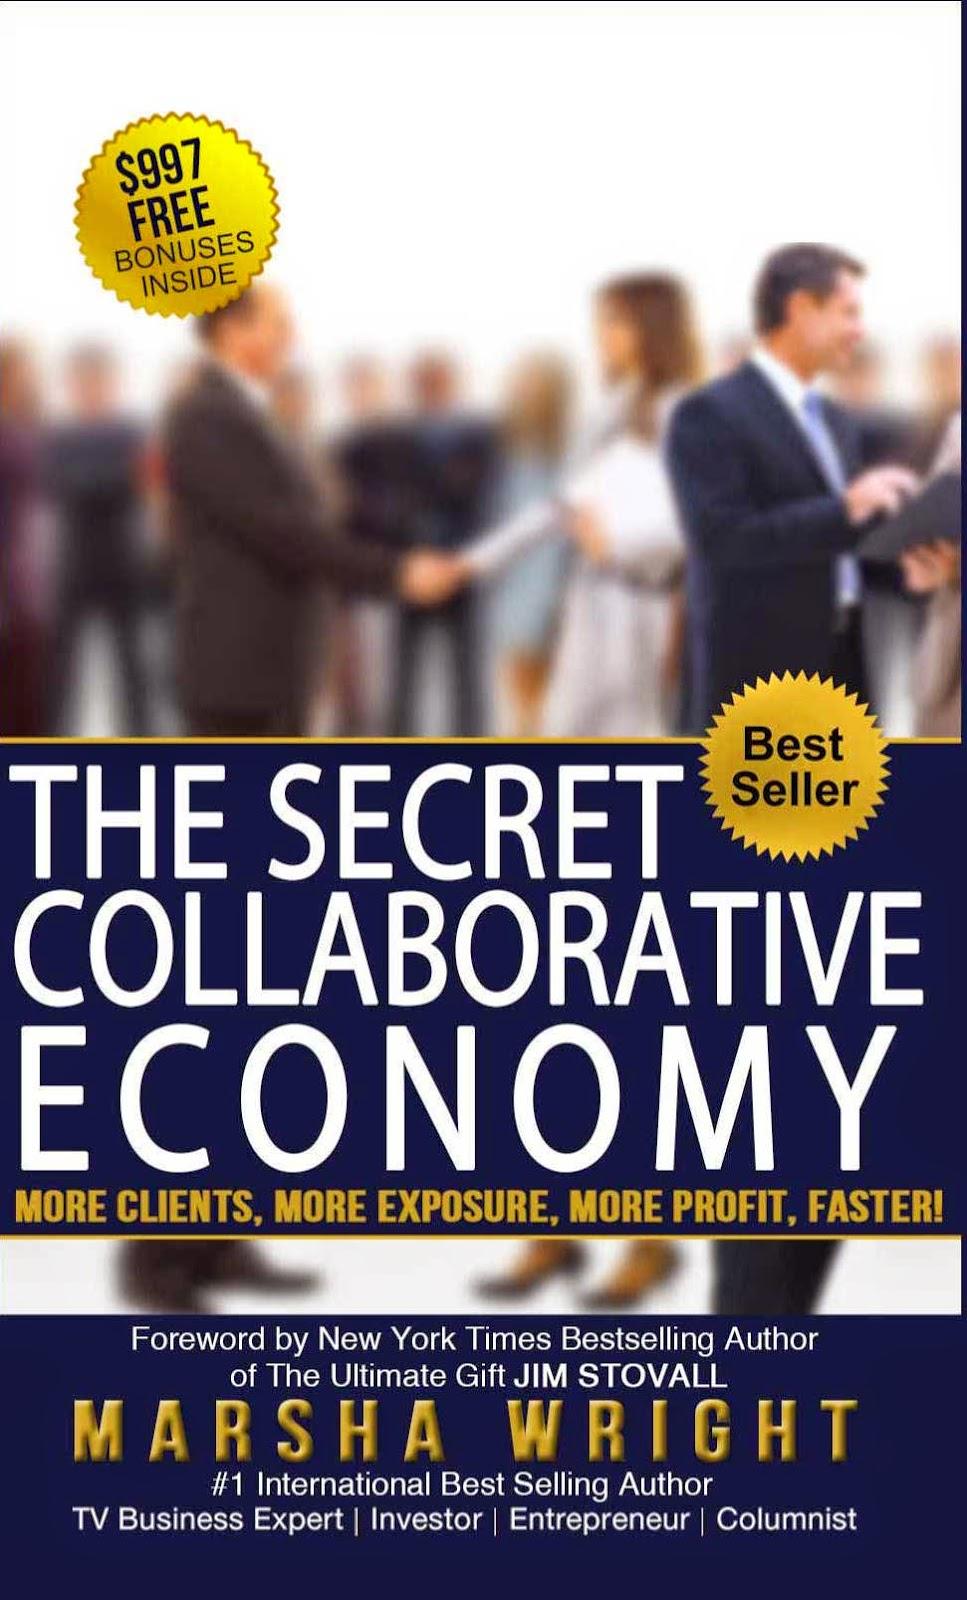 Cosas sobre las que me gustaría que reflexionaran los políticos actuales: The Secret Collaborative Economy